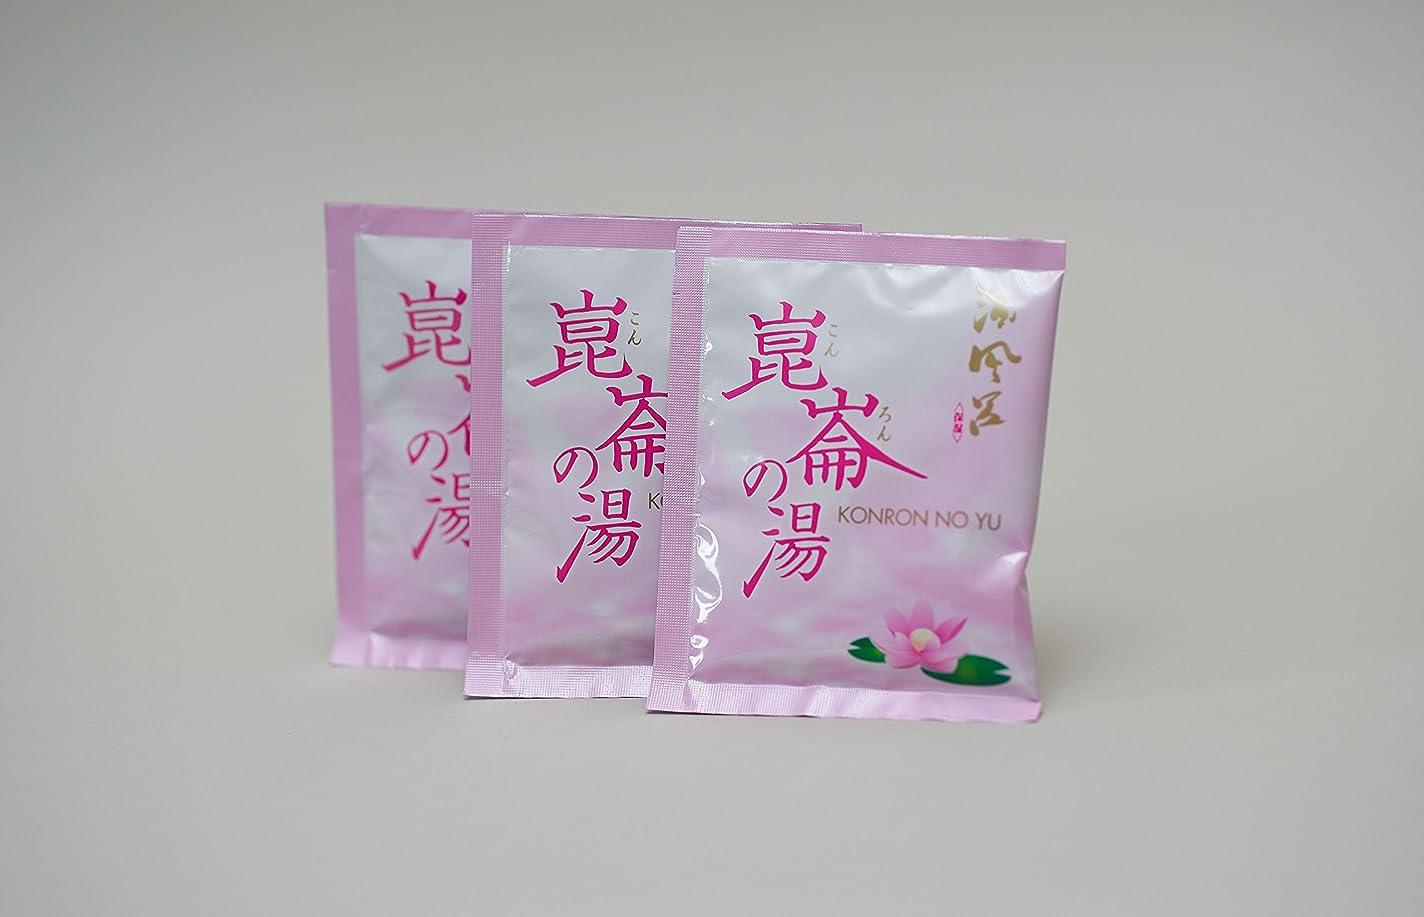 外交に関して付添人酒風呂入浴剤「崑崙の湯」( 日本酒風呂 ) 粉末タイプ (トライアルセット)(2袋で清酒5合の量に相当)